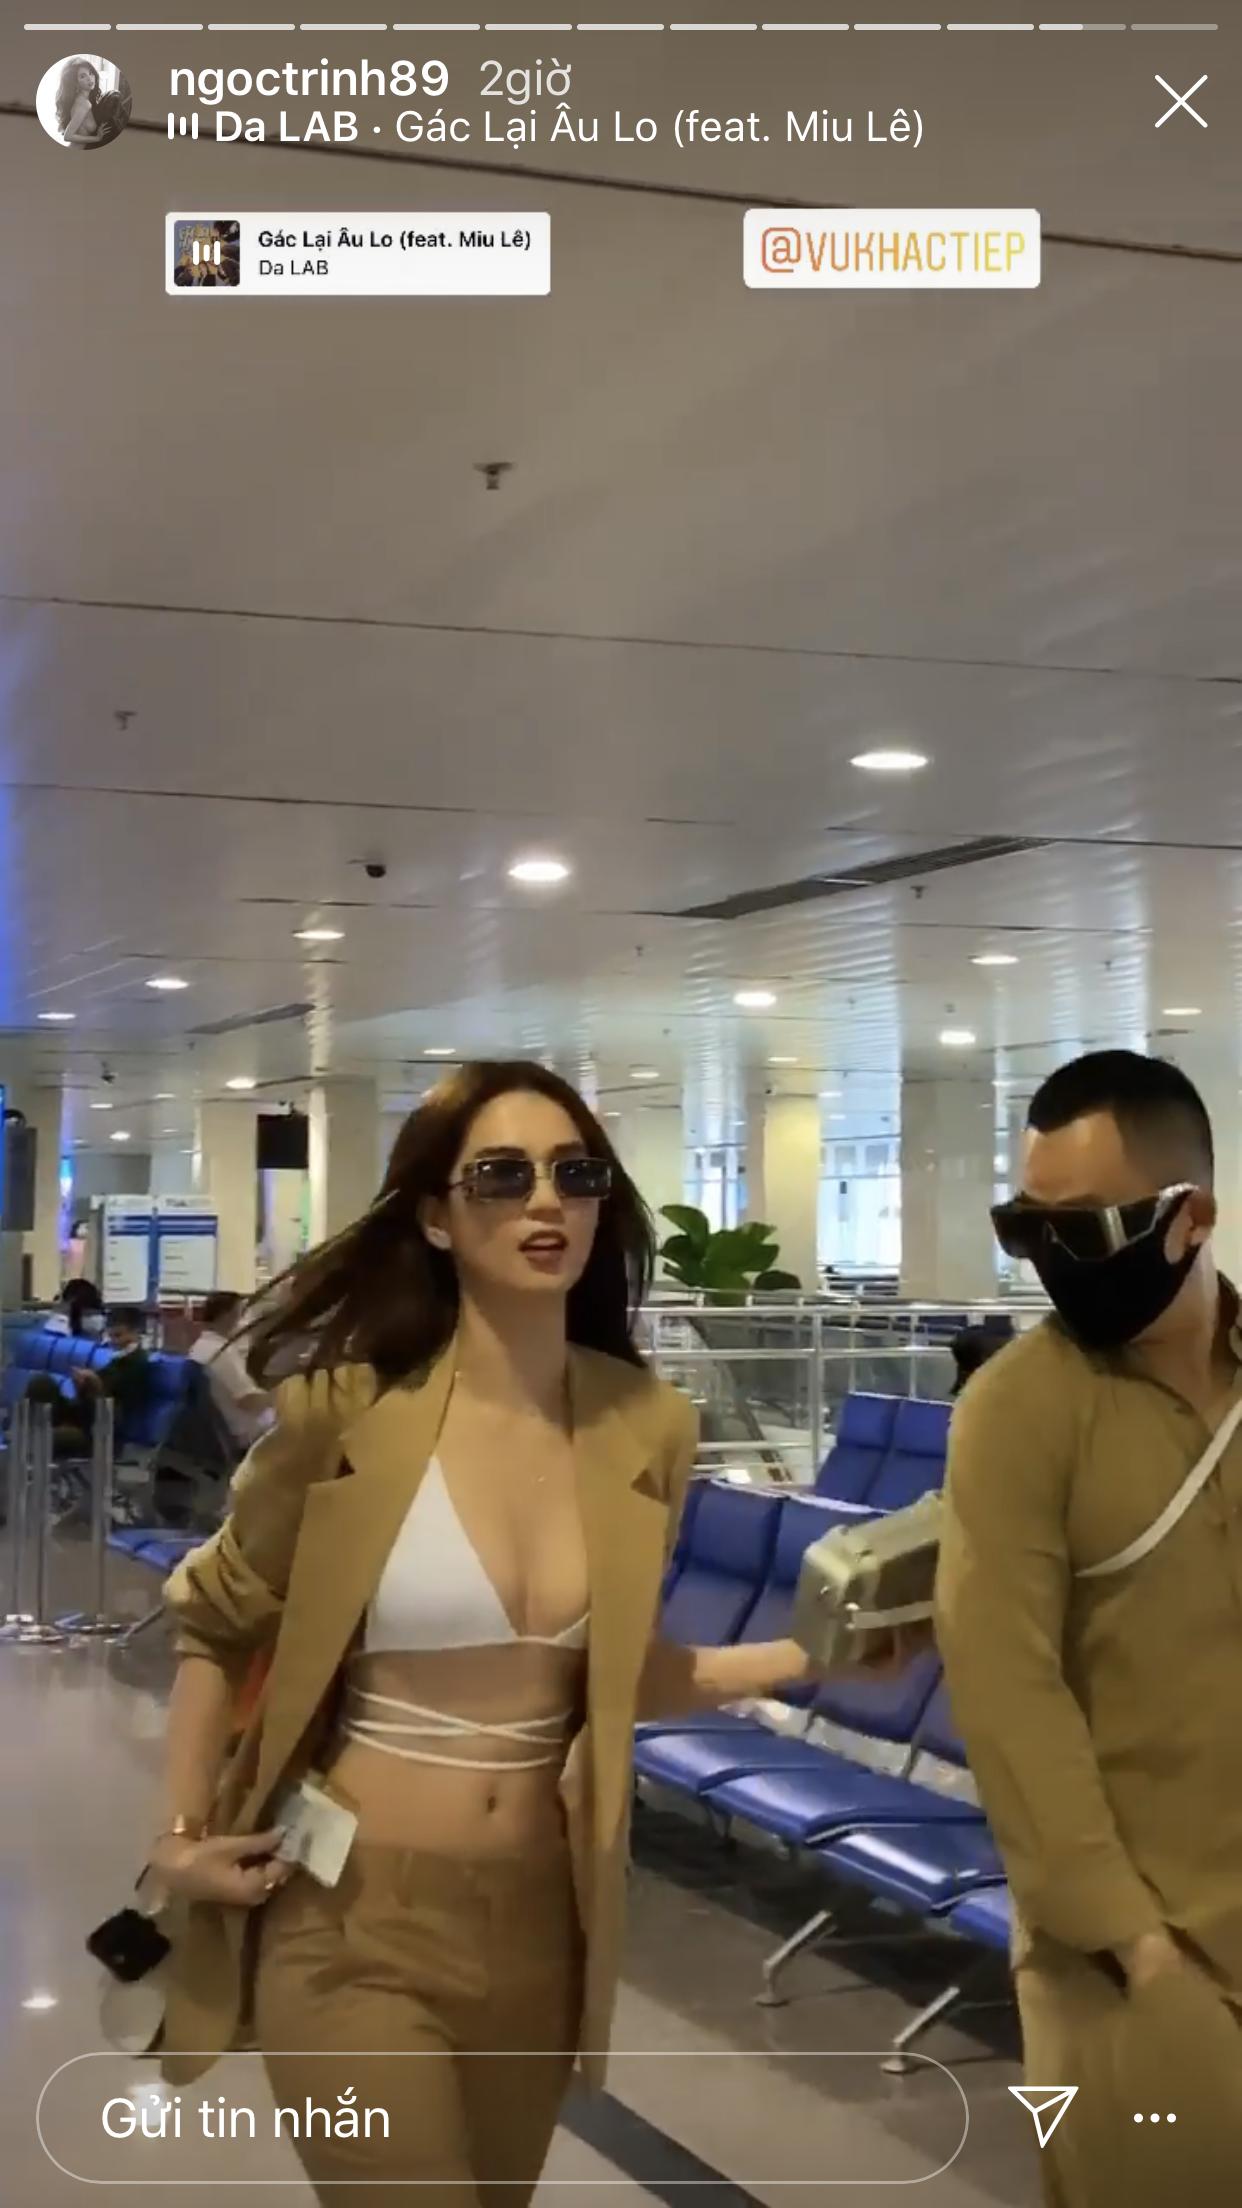 """Chưa hết nổi loạn, Ngọc Trinh diện bikini giữa sân bay: Khoe vòng 1 nóng hừng hực, team qua đường cũng phải """"dán mắt"""" - Ảnh 3."""